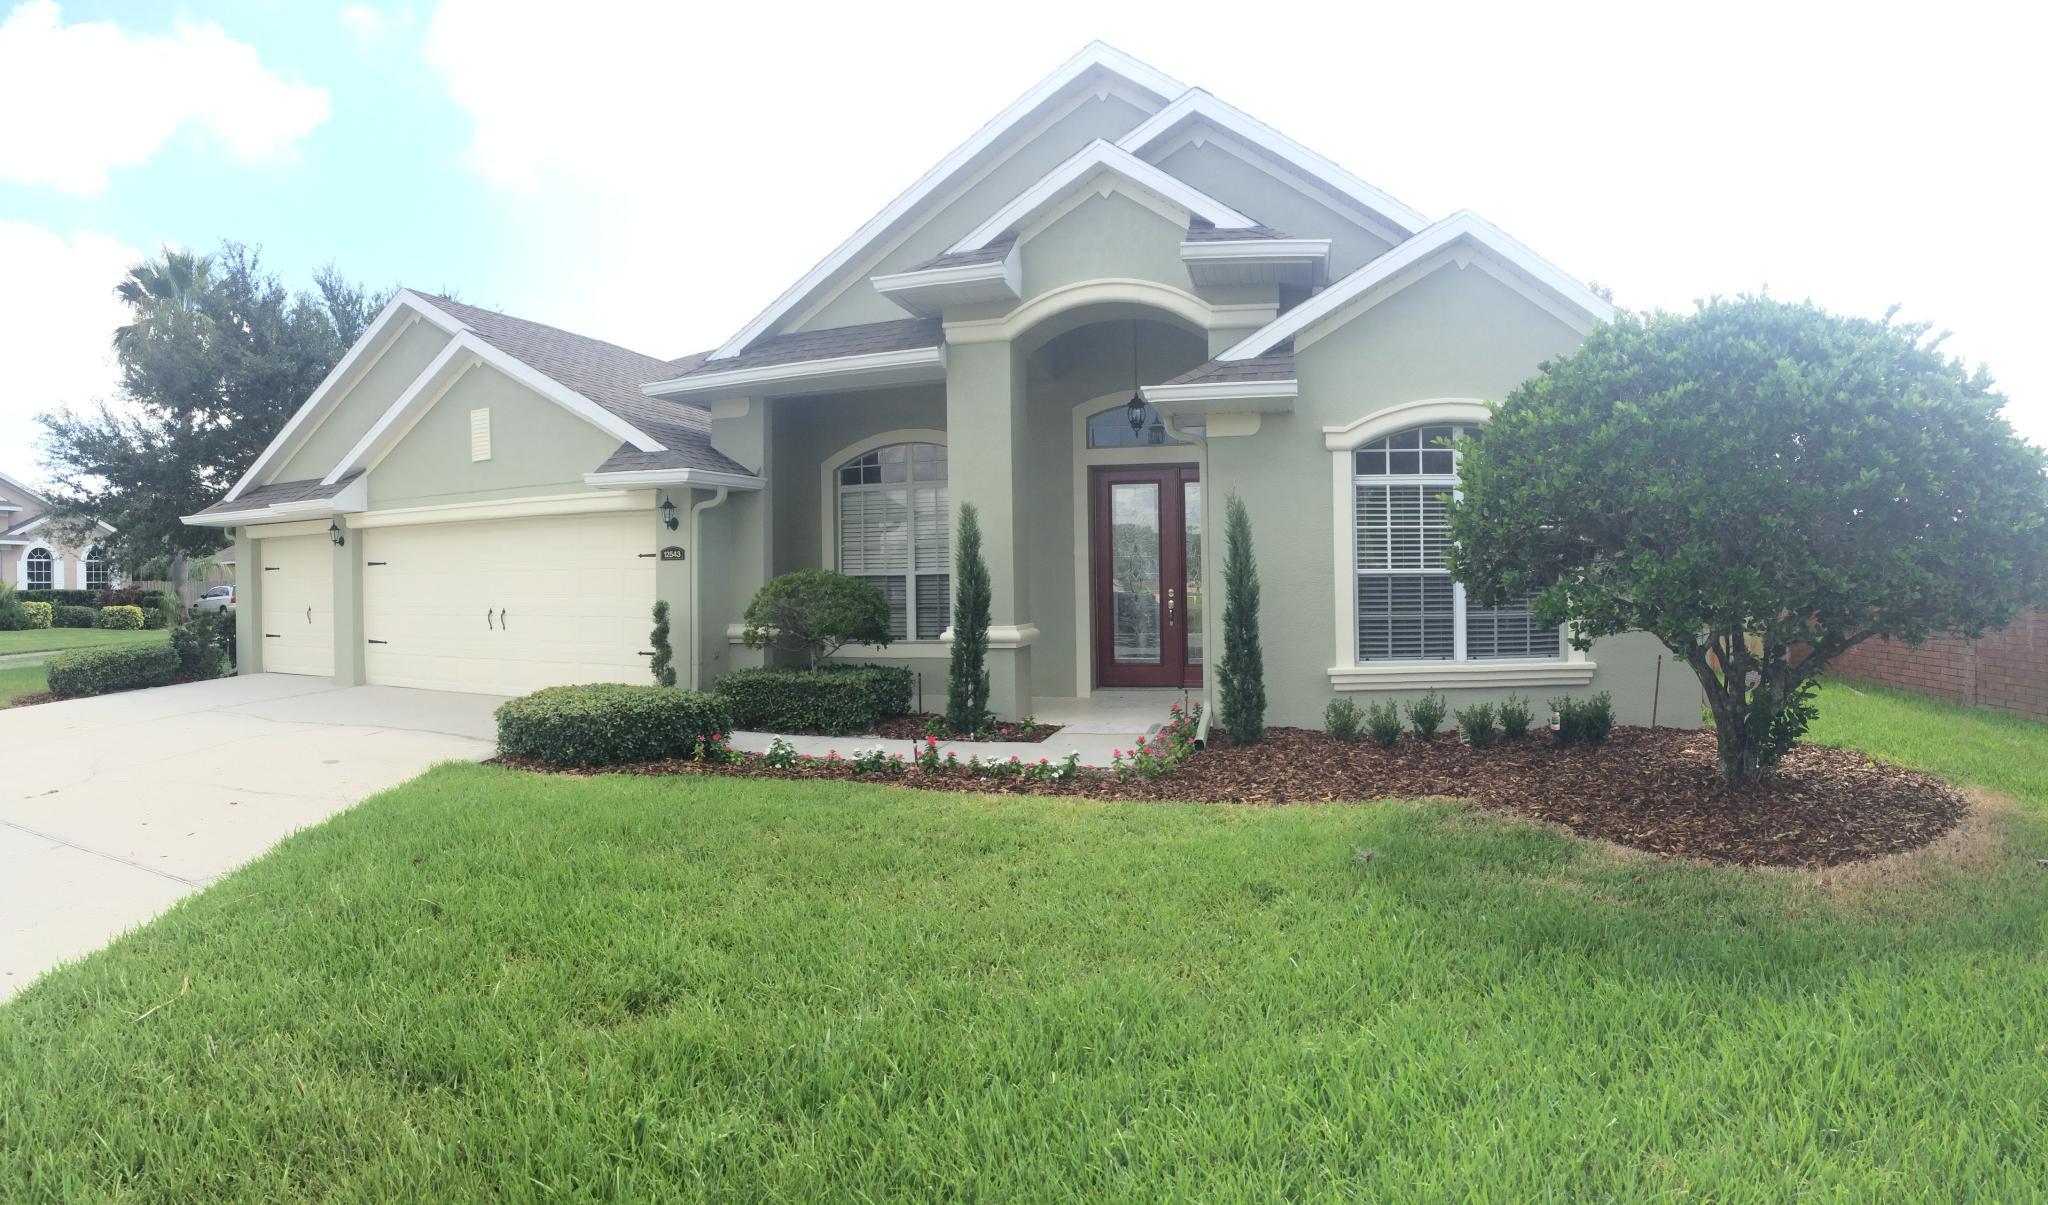 12543 Scarlett Sage Ct For Rent - Winter Garden, FL | Trulia